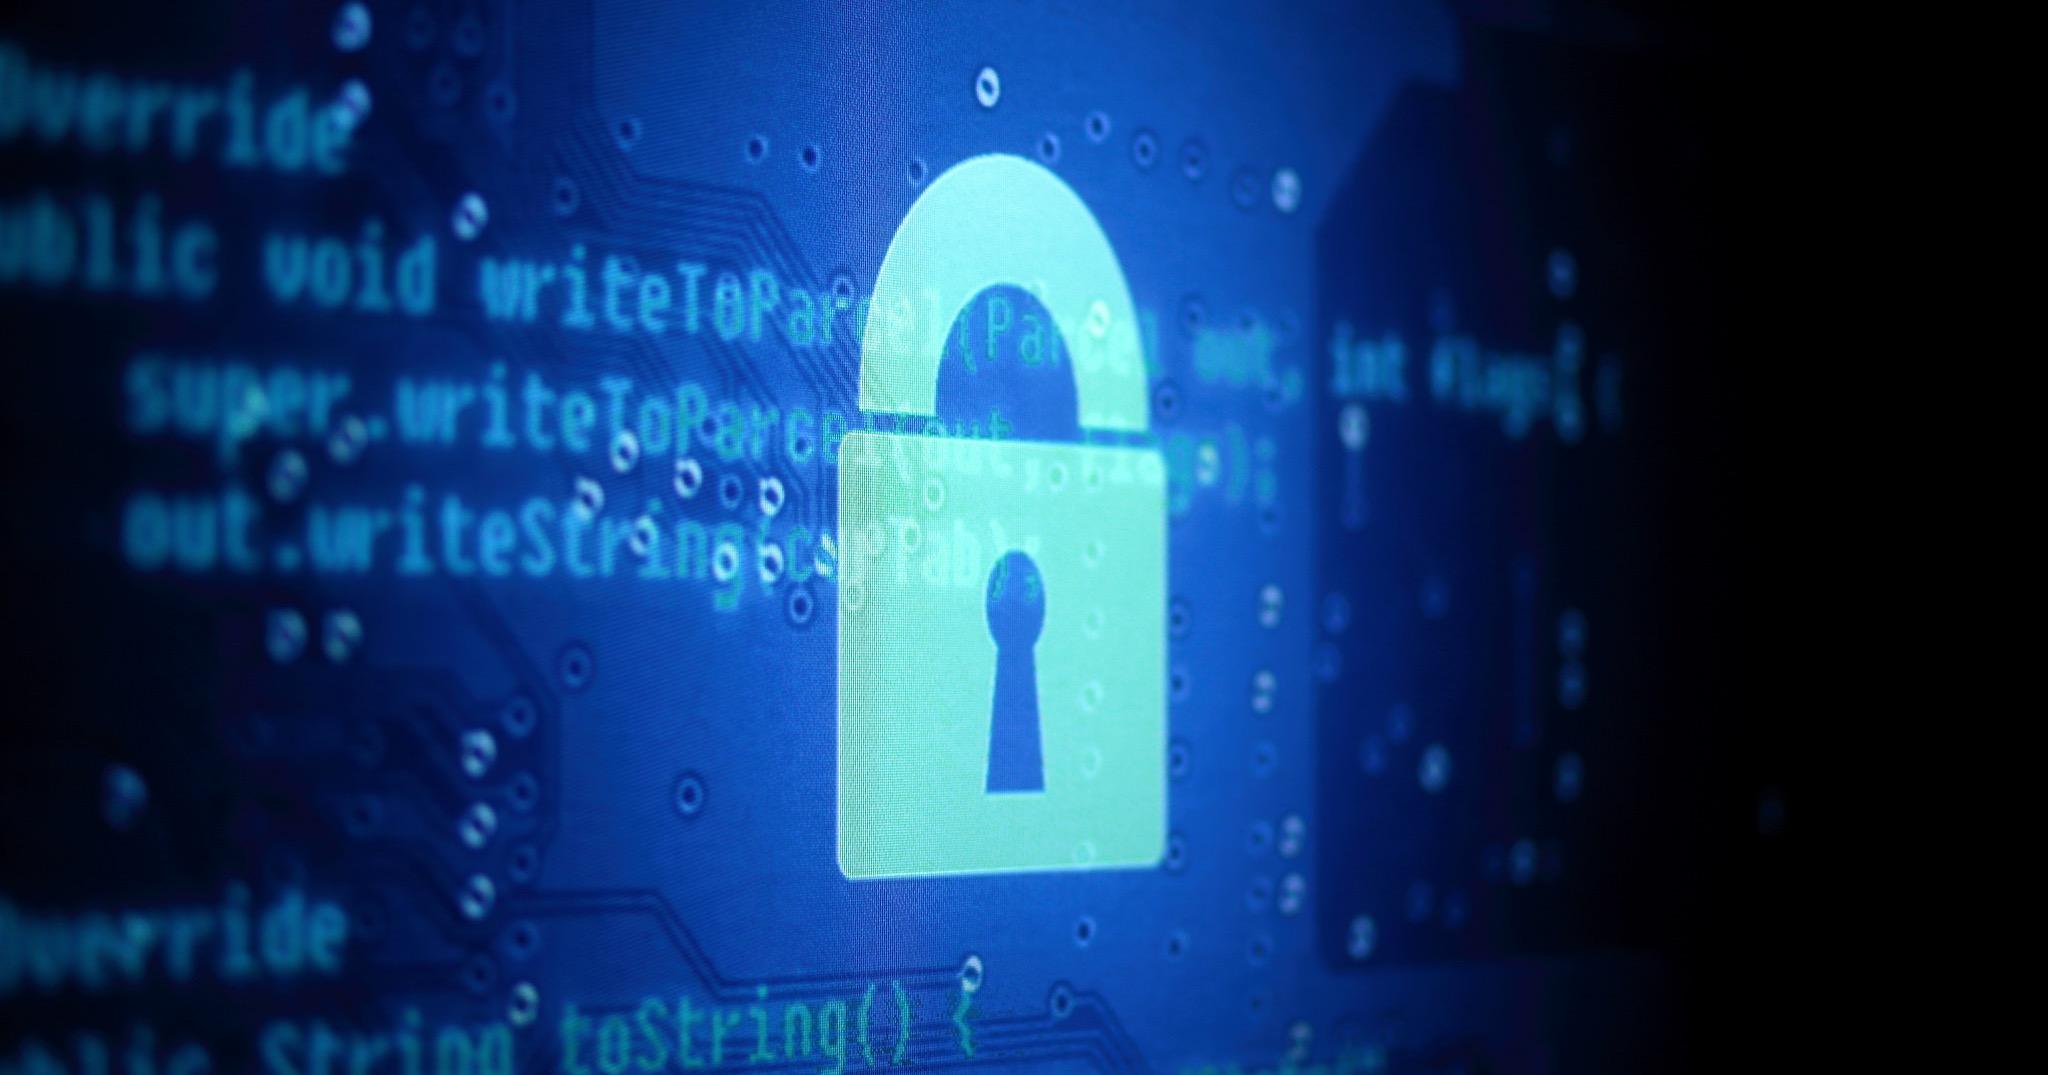 มาลองเช็คความปลอดภัยจากการใช้บริการออนไลน์ของเรากัน